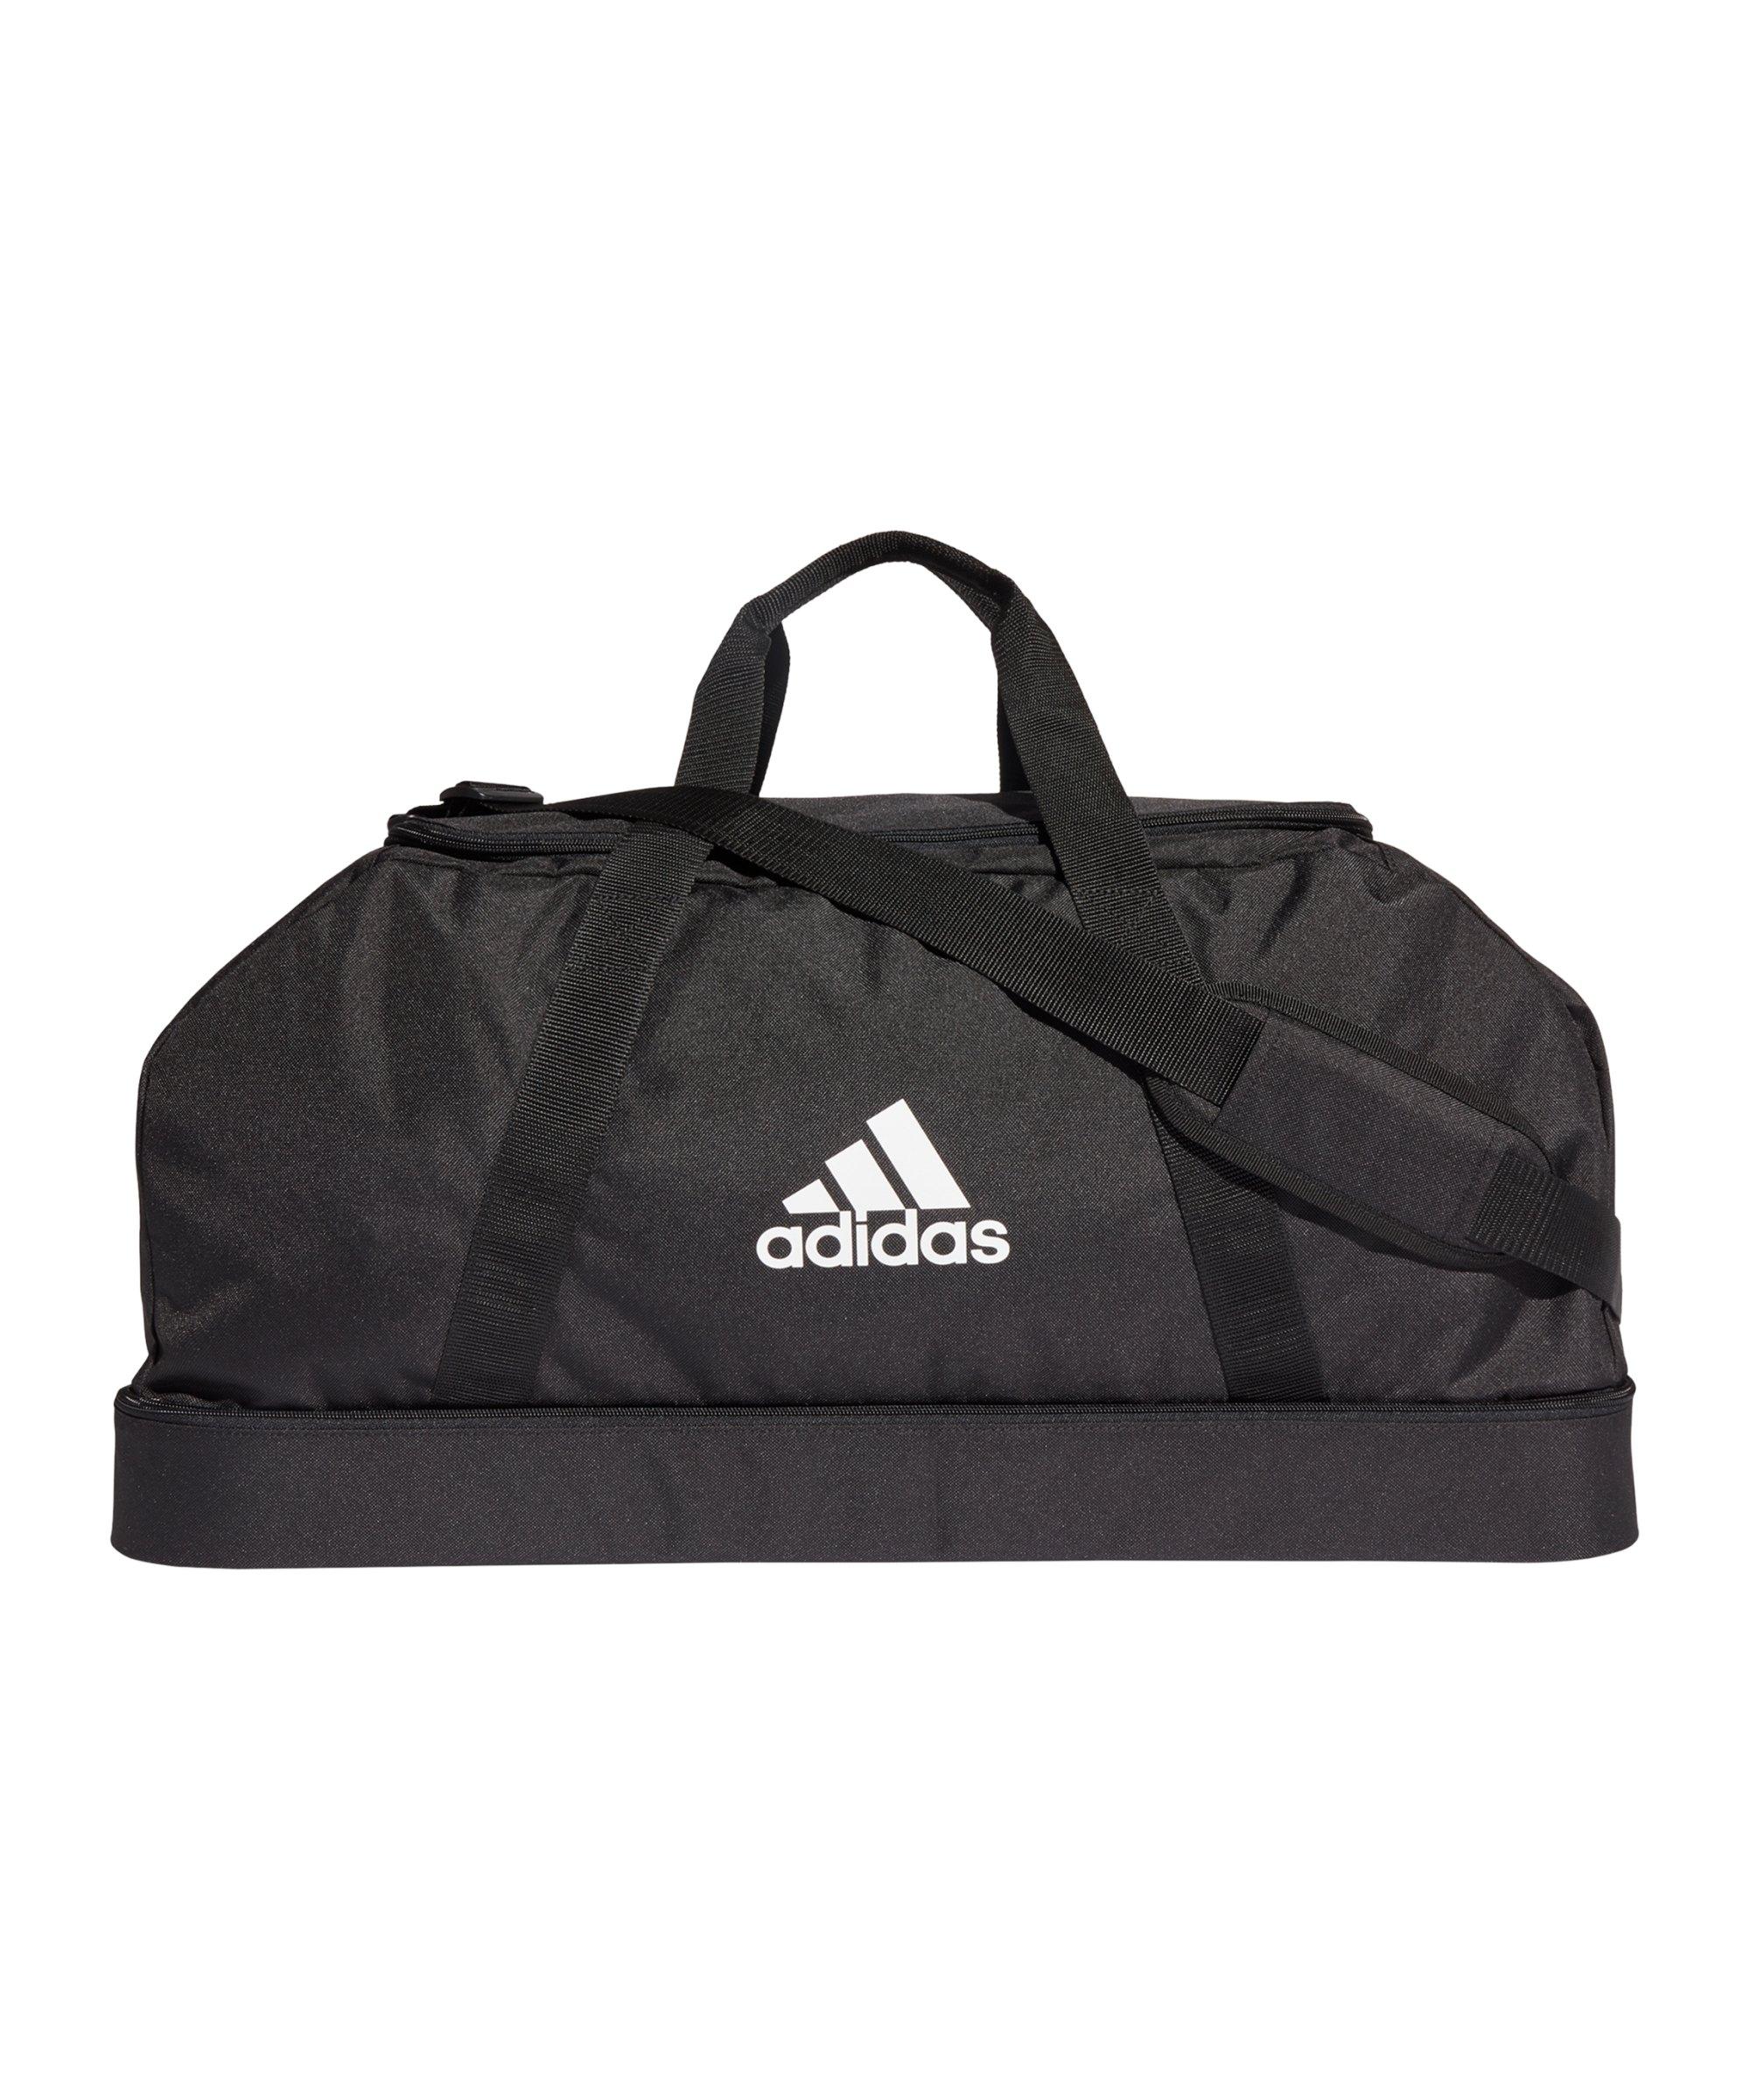 adidas Tiro Duffle Bag Gr. L mit Bodenfach Schwarz - schwarz